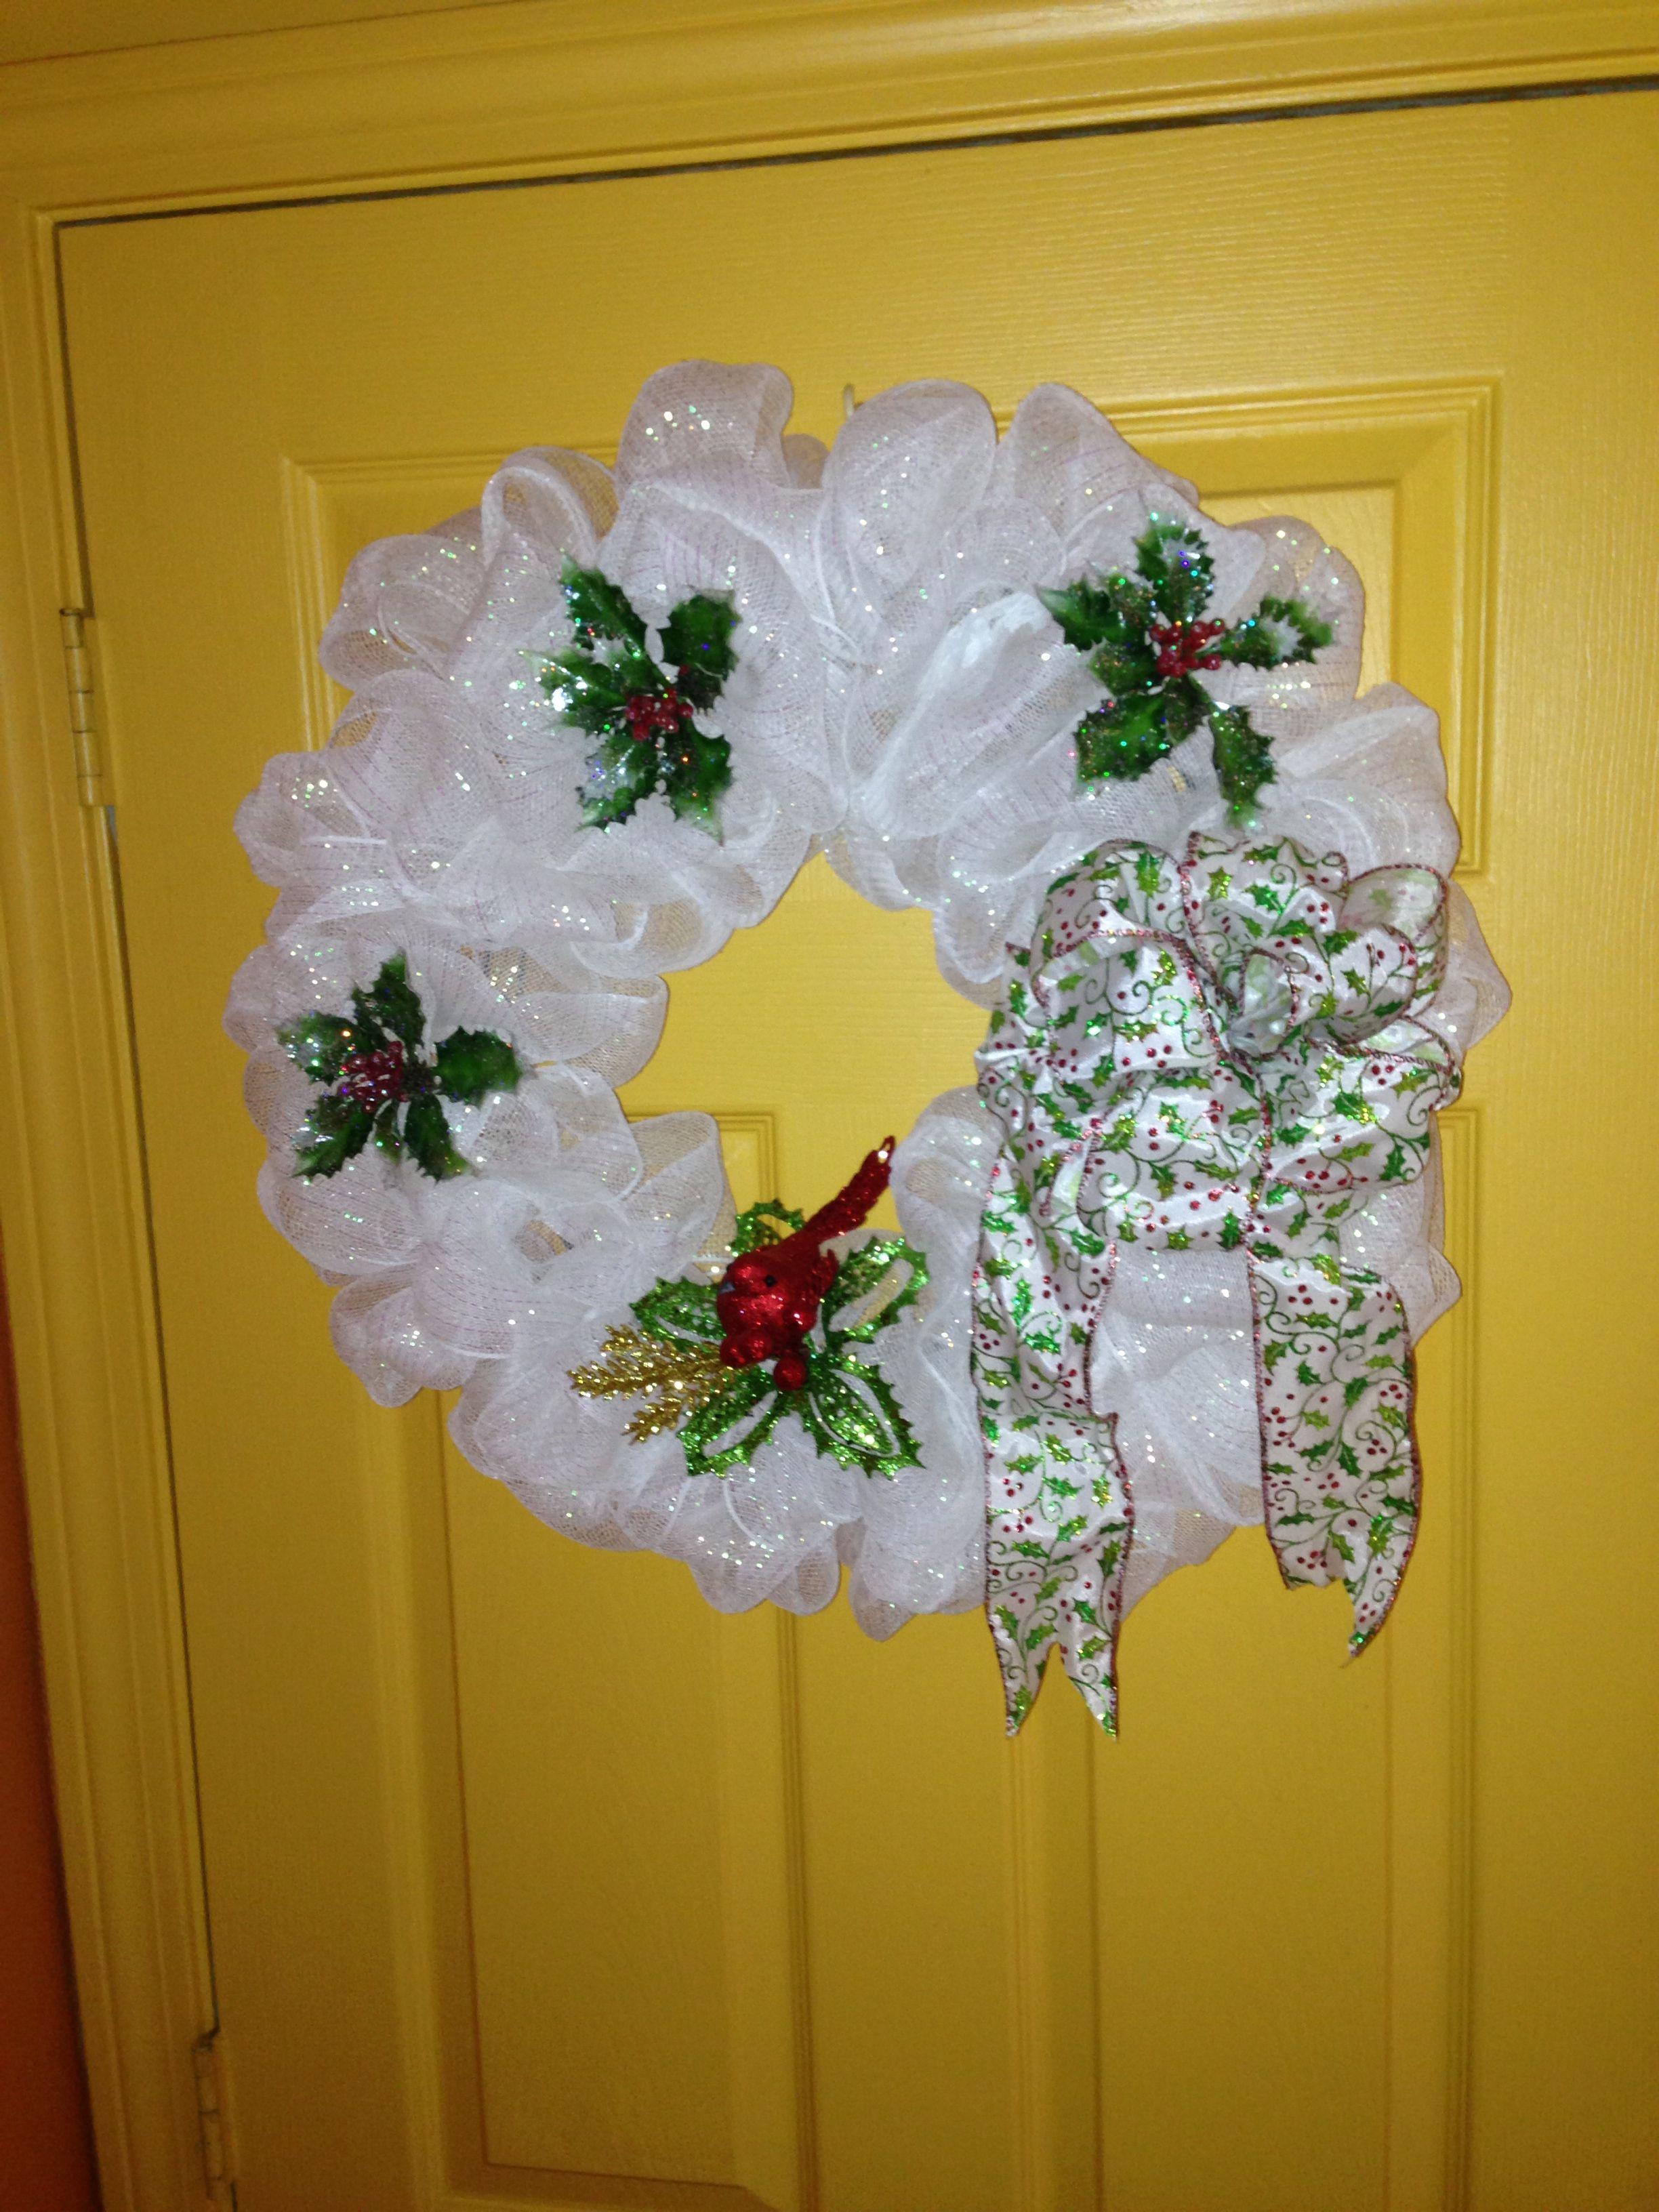 Christmas cardinal-themed deco mesh wreath.